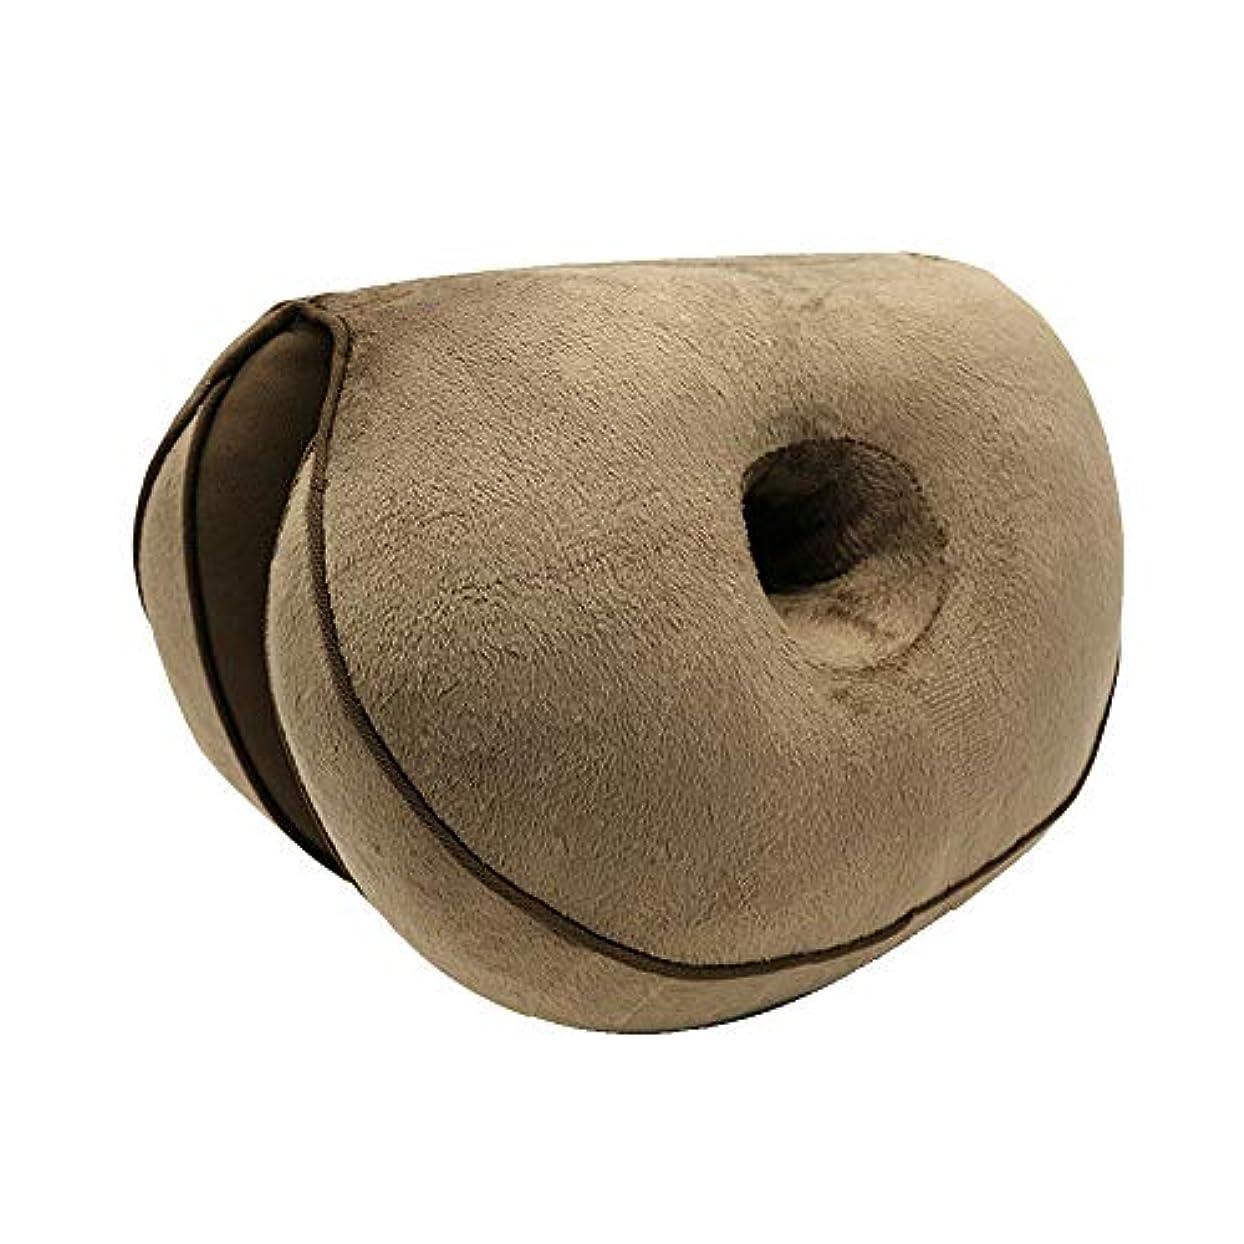 特権松の木雪だるまを作るLIFE 新デュアルシートクッション低反発ラテックスオフィスチェアバックシートクッション快適な臀部マットパッド枕旅行枕女性女の子 クッション 椅子